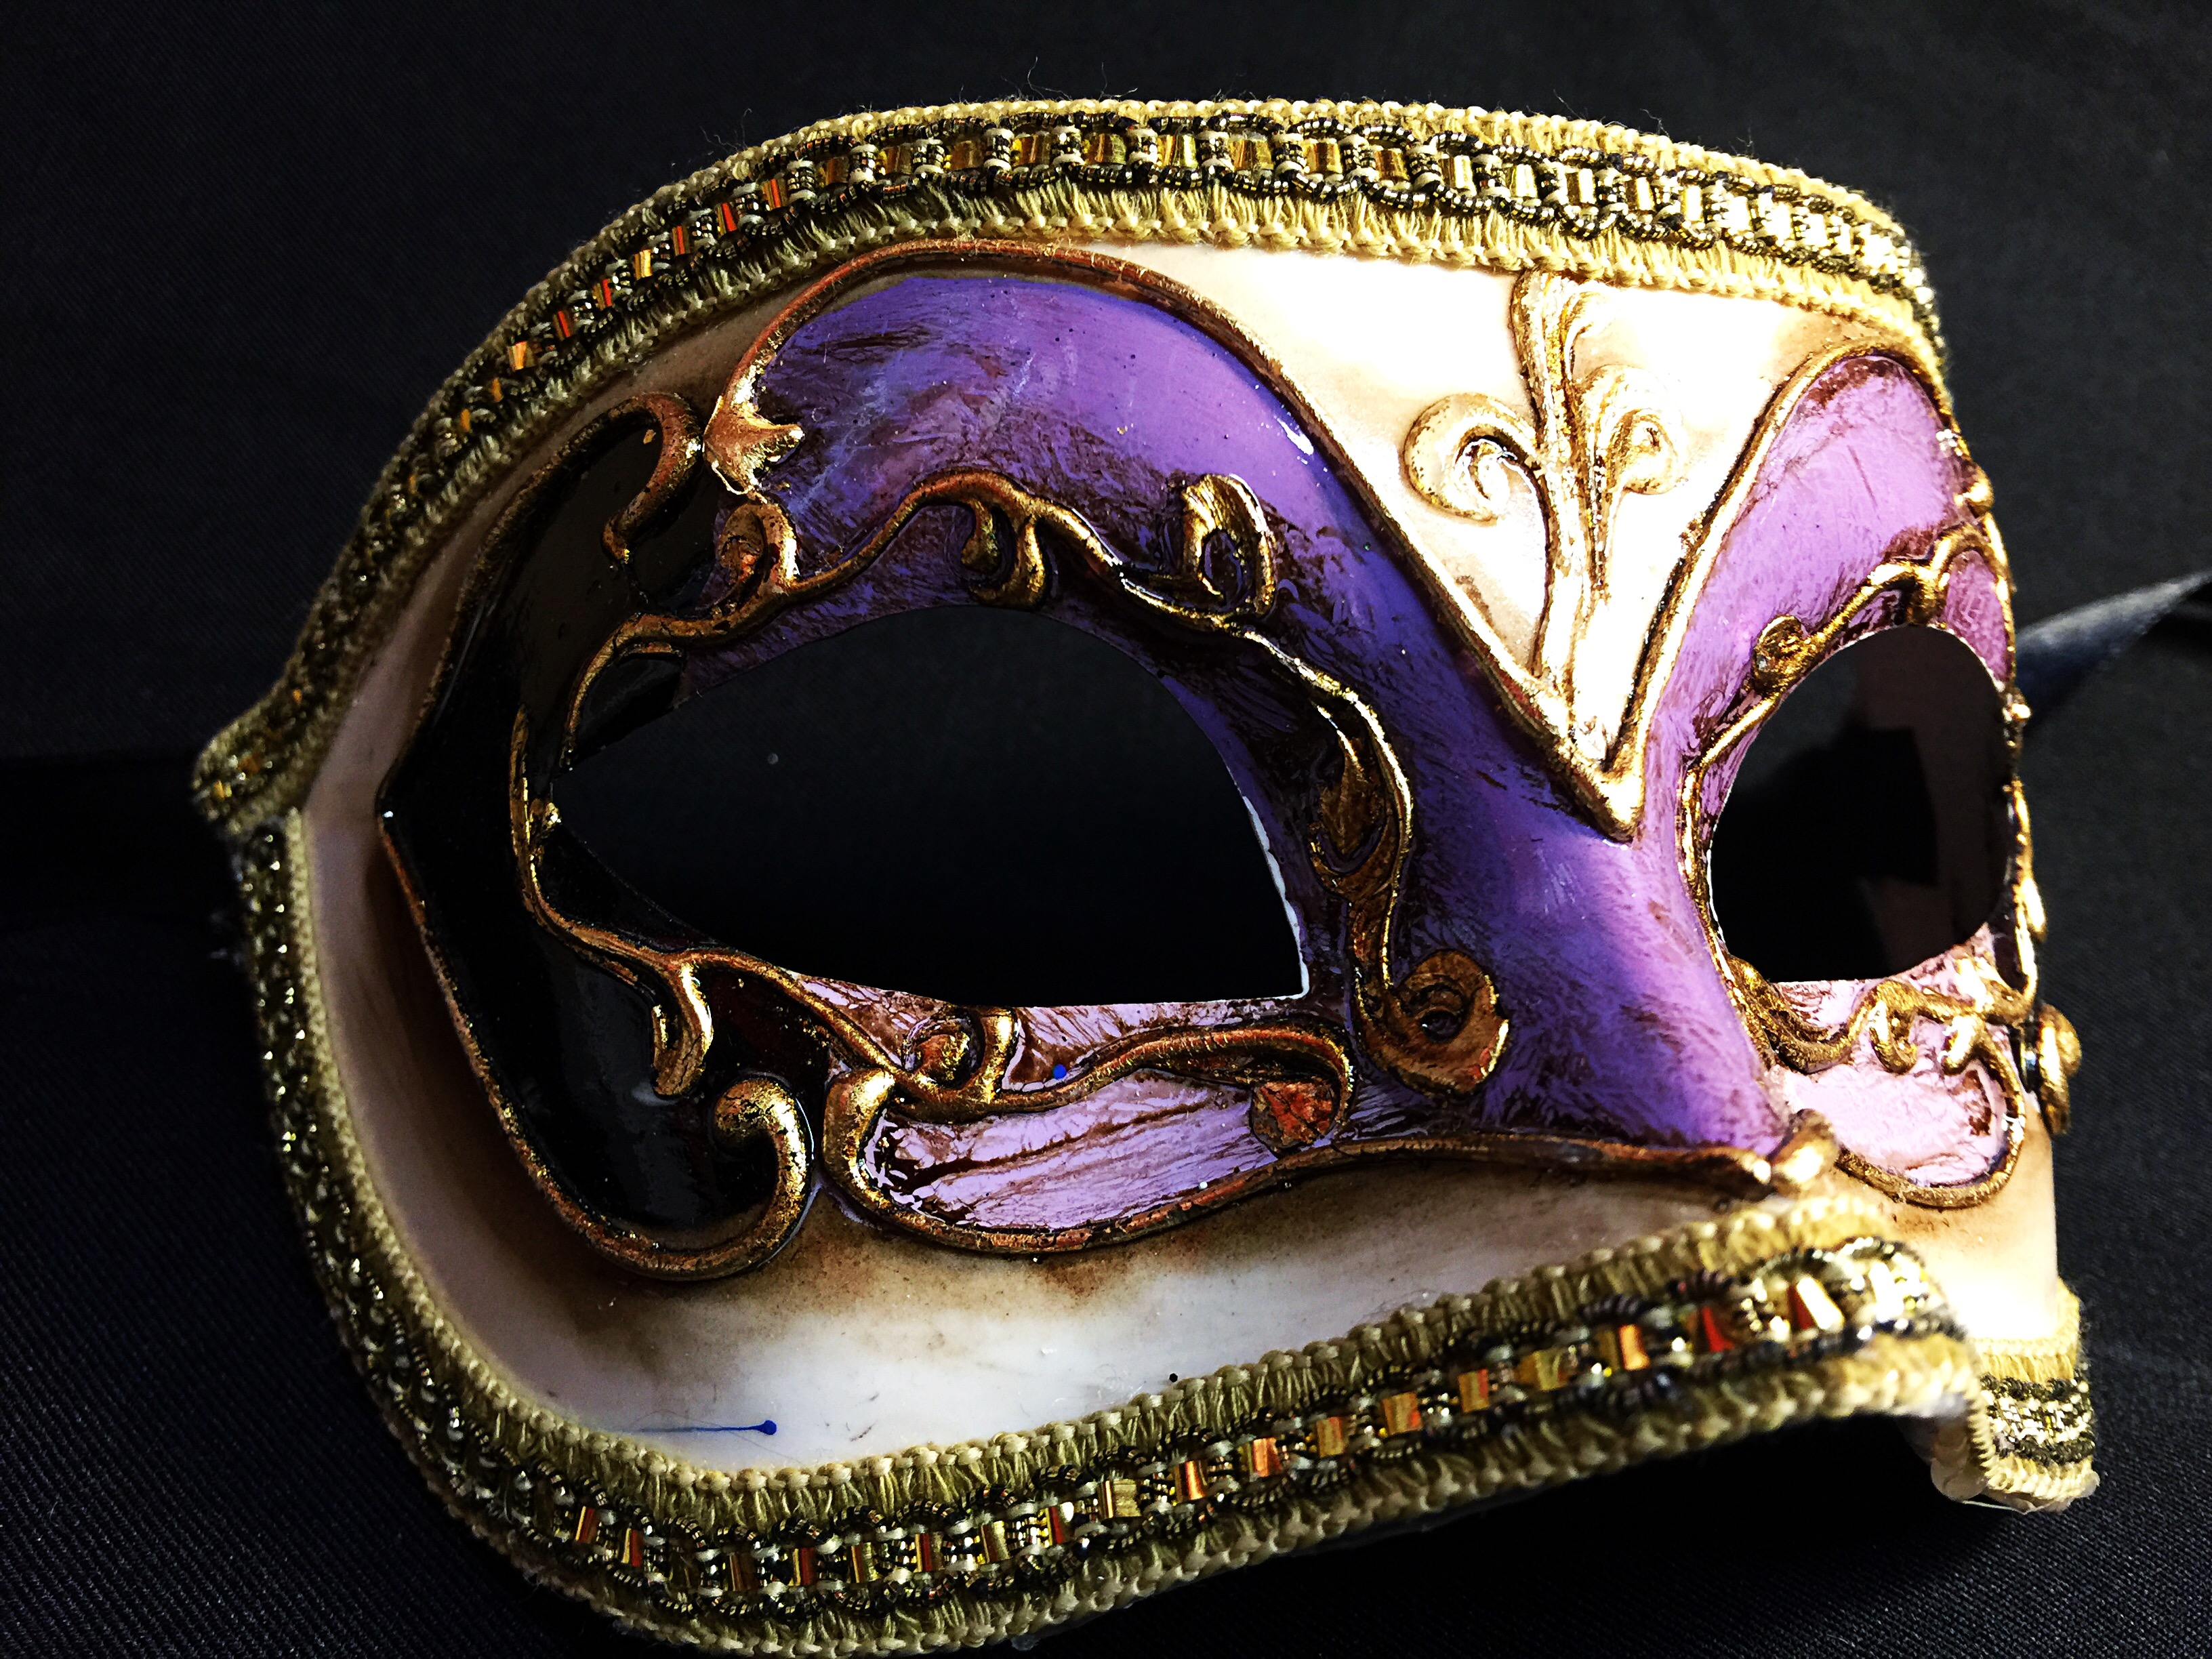 V nitien civette d cor violet lilas aux feux de la - Masque venitien decoration ...